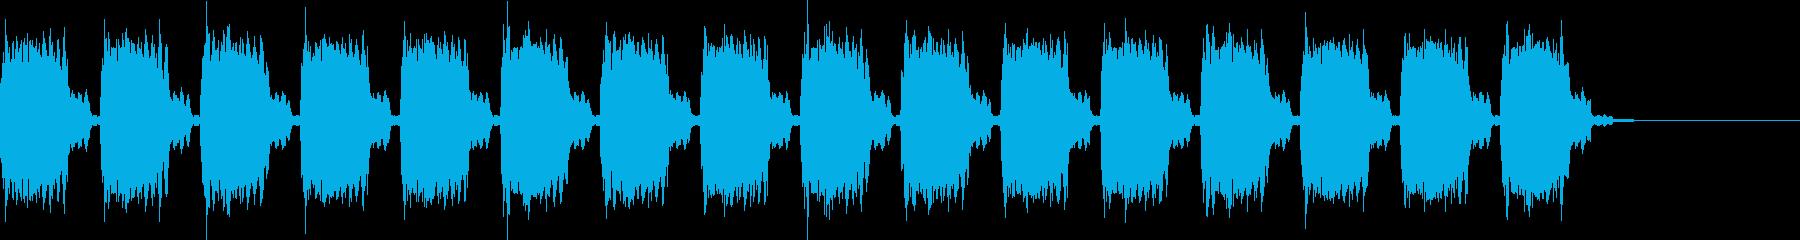 ビーッビーッ 警告音・サイレンの再生済みの波形